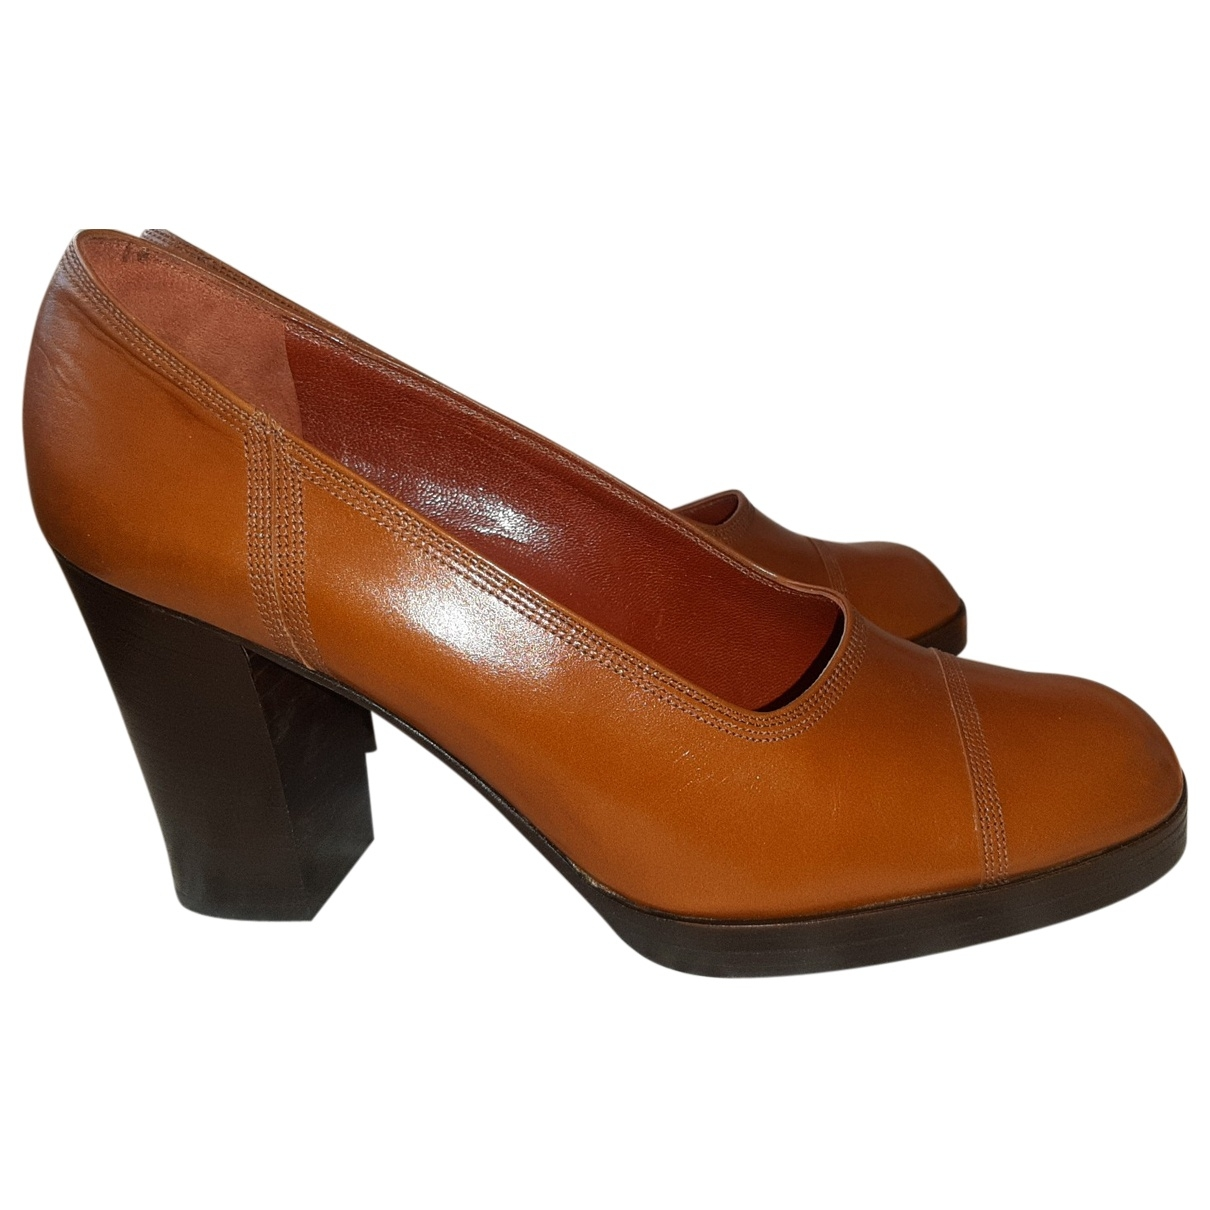 Yves Saint Laurent - Escarpins   pour femme en cuir - marron